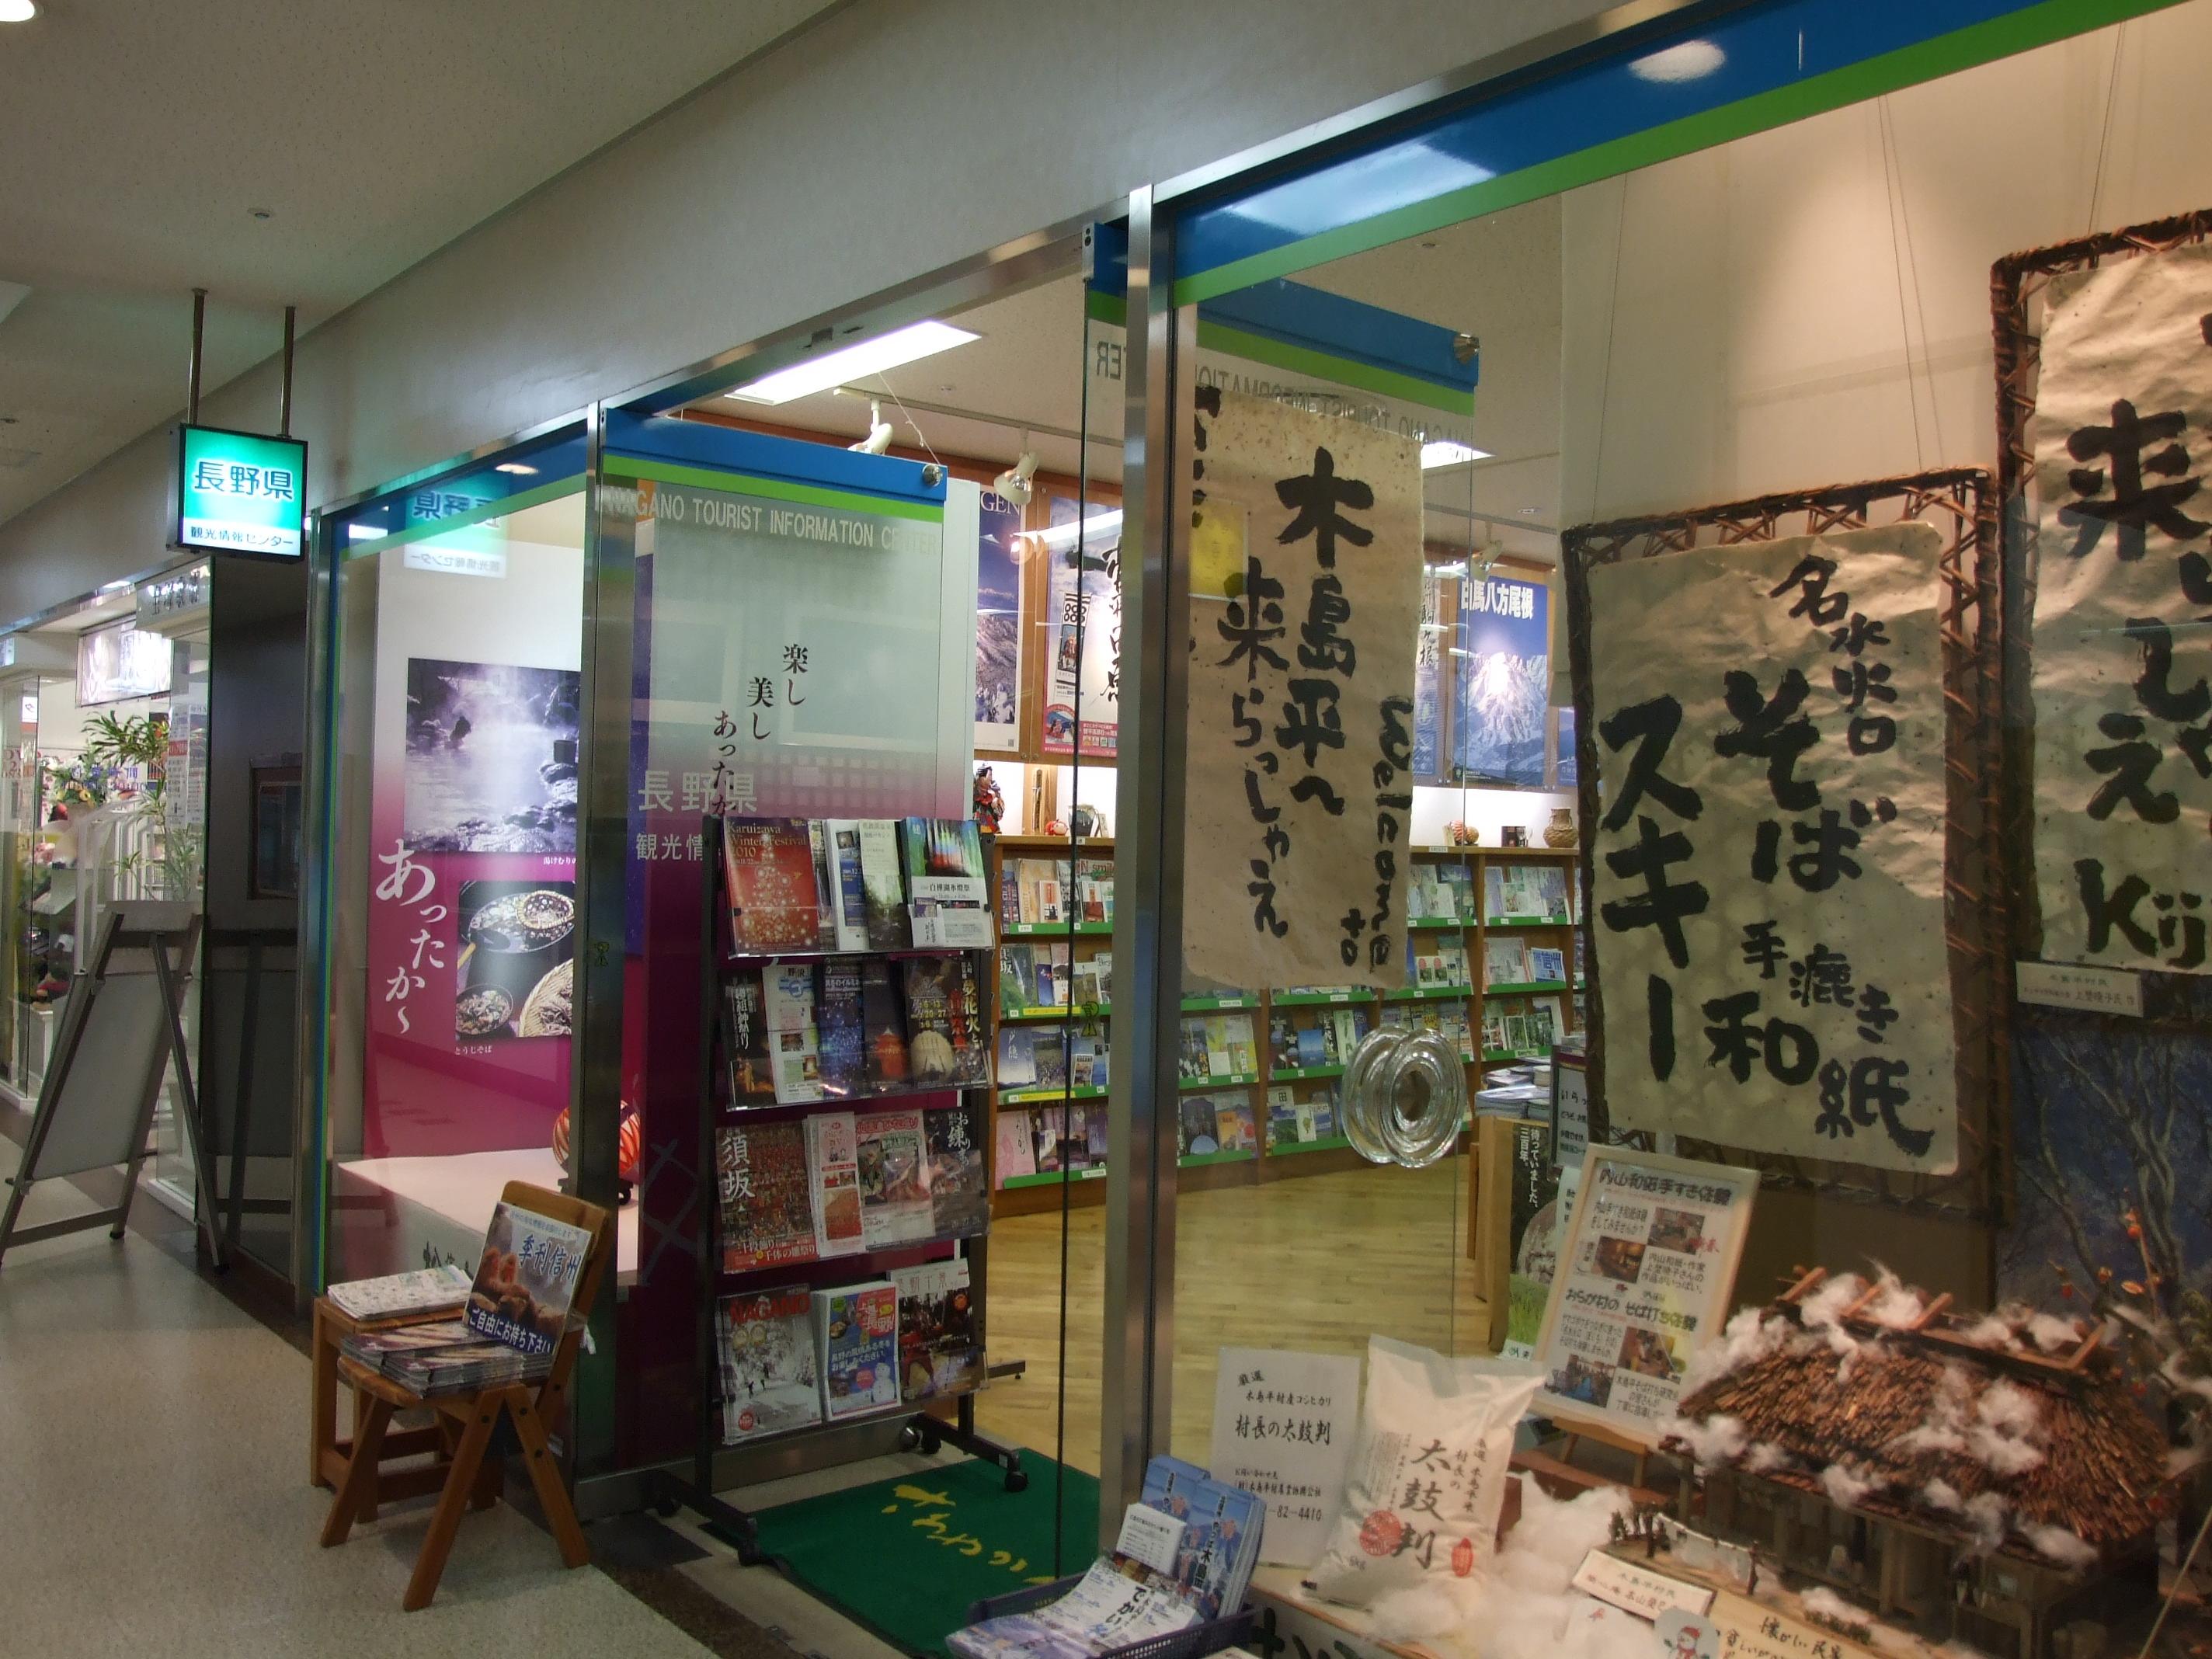 県の情報センターもあります。(東京交通会館)